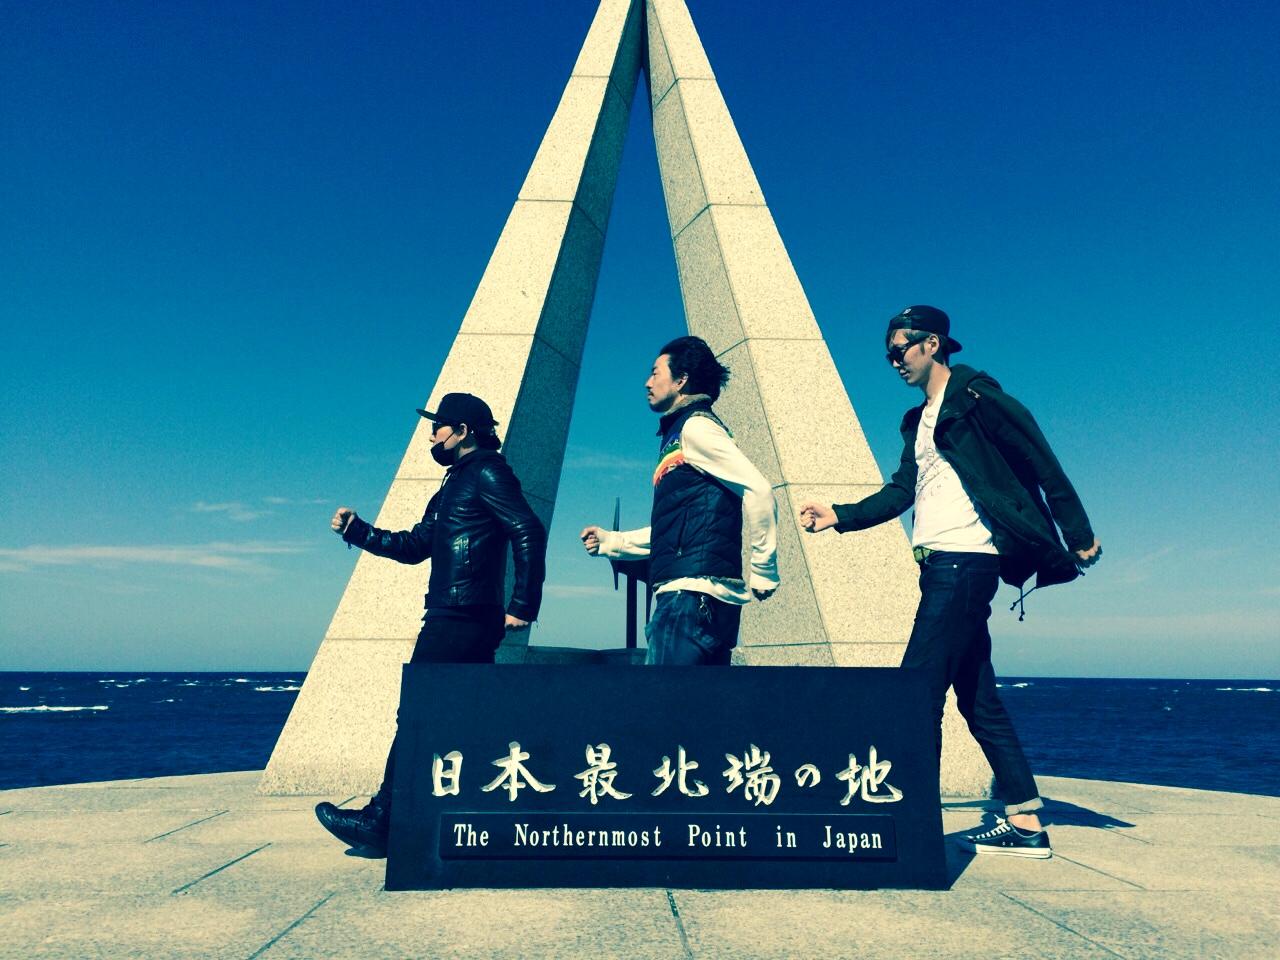 日本の最北端、宗谷岬にて。_f0182998_20493629.jpg